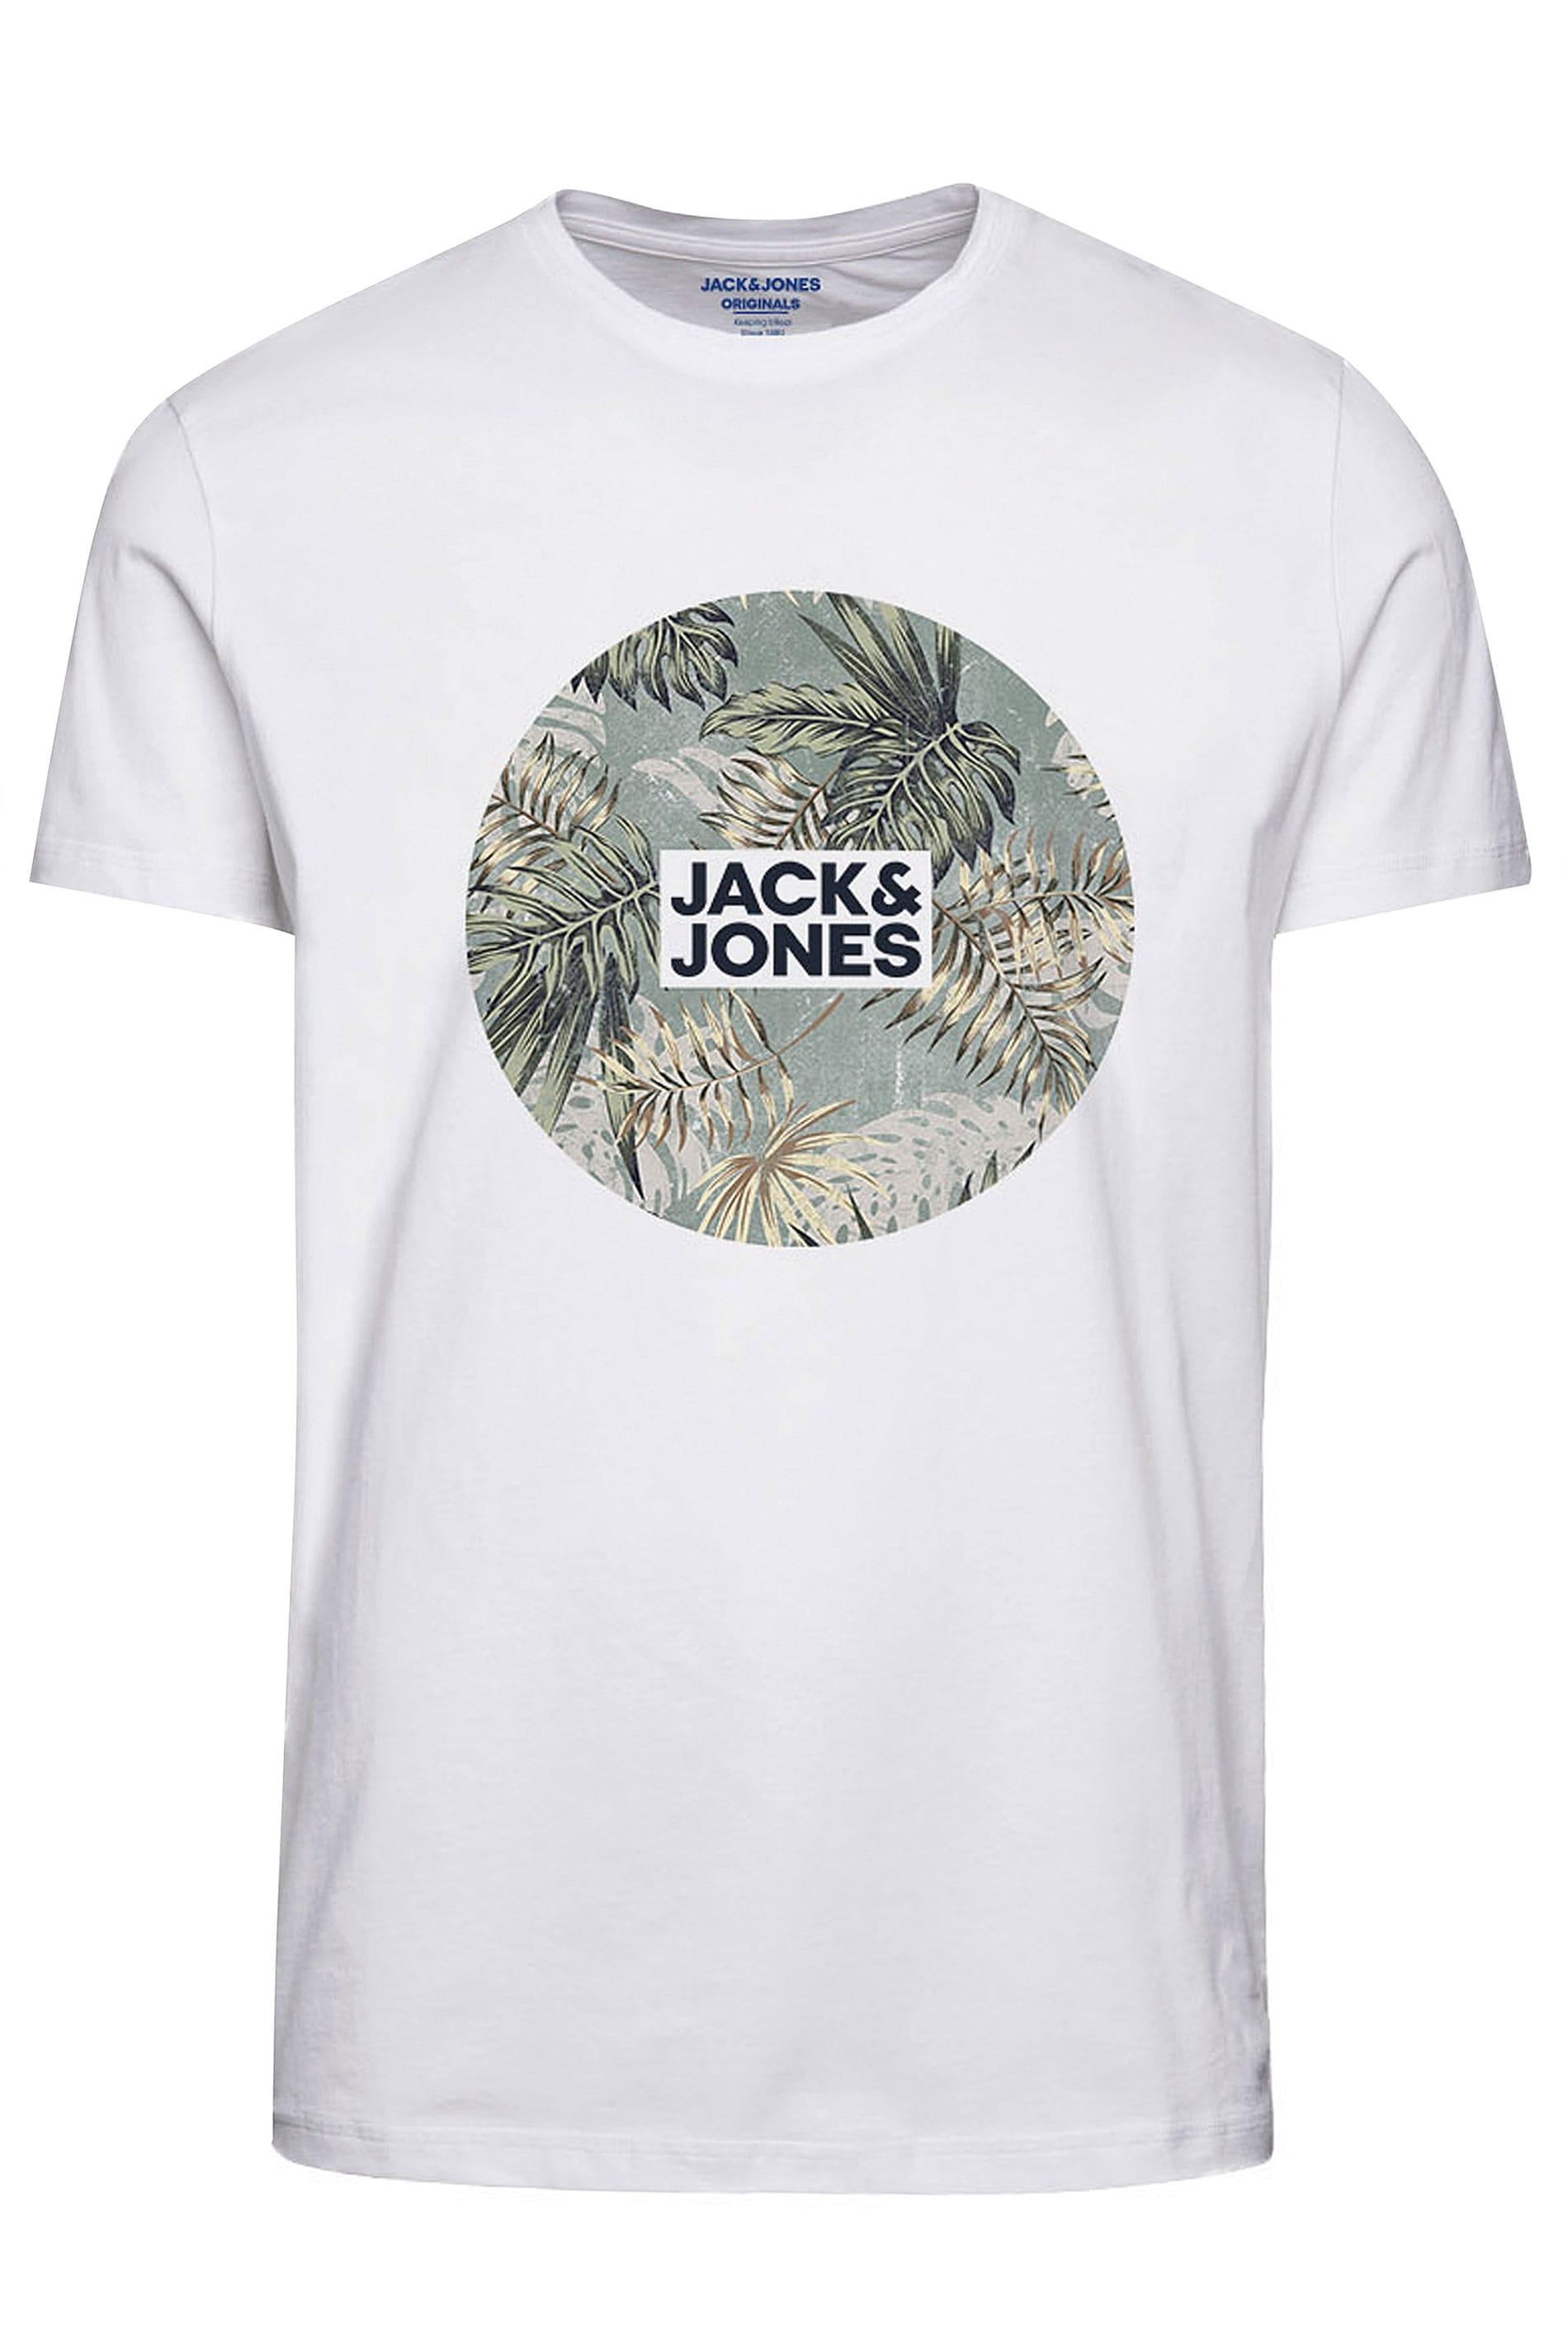 JACK & JONES White Circle Logo T-Shirt